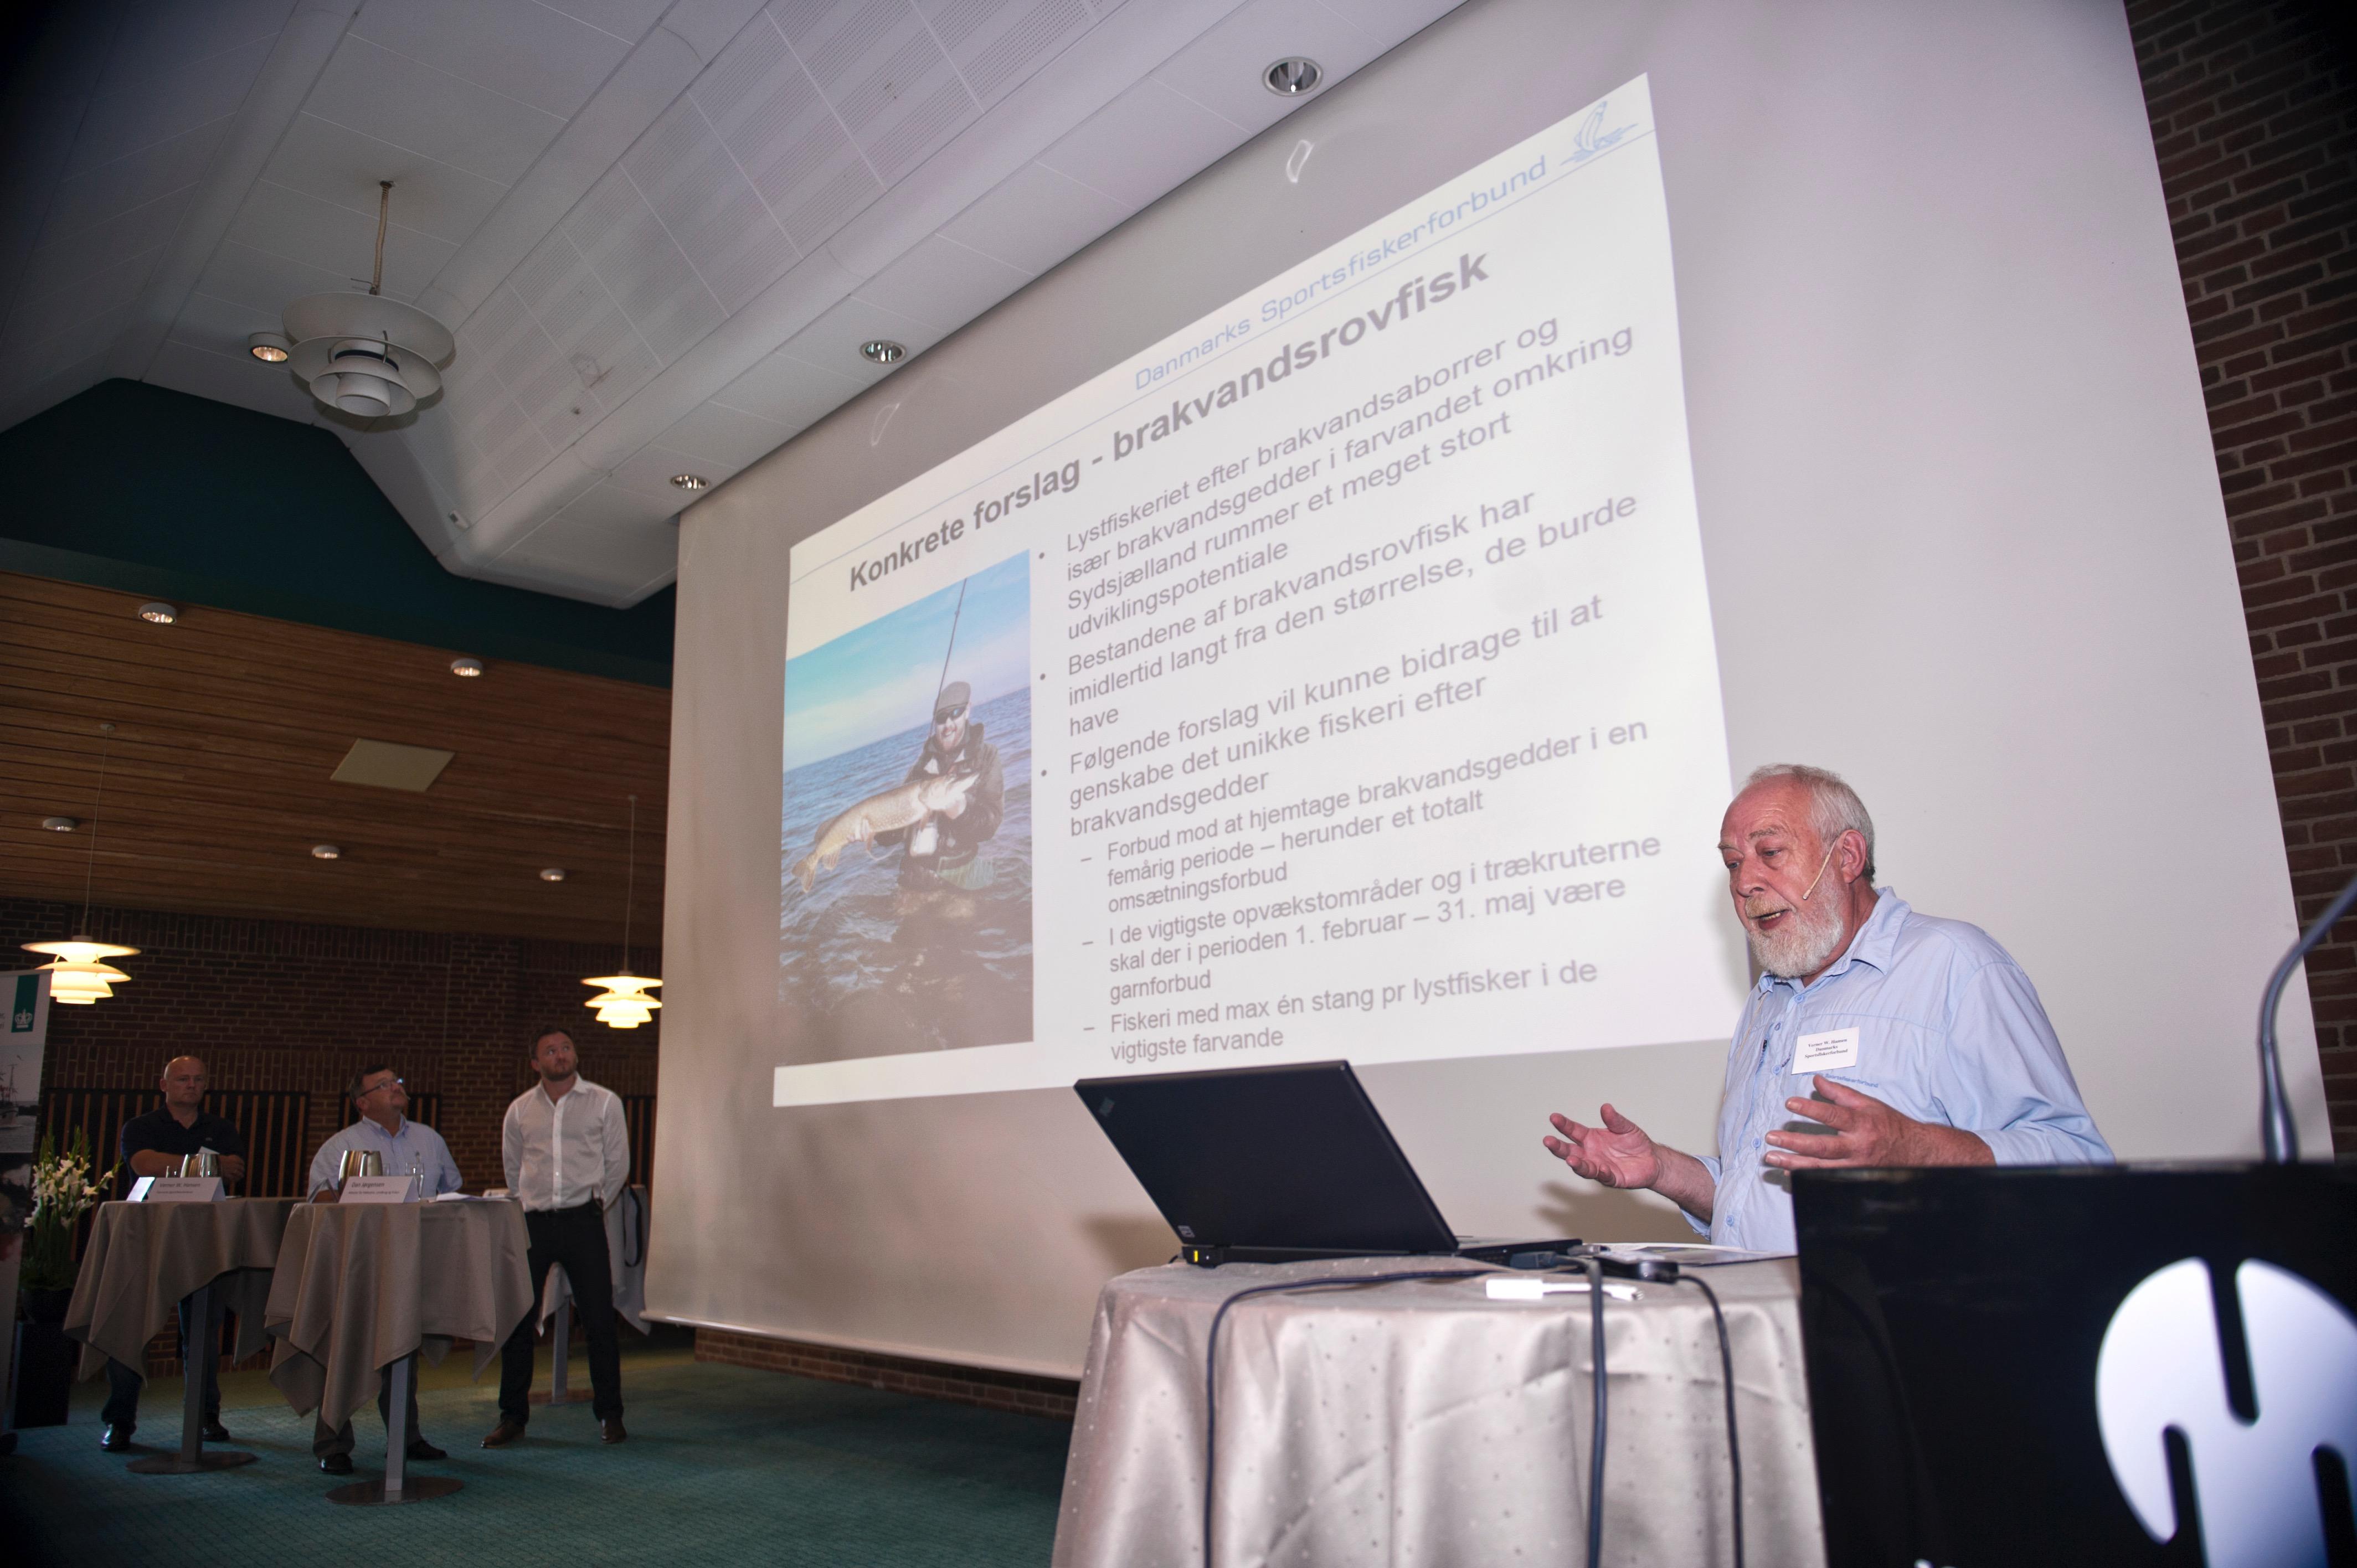 Brakvandet har været et af DSF's fokuspunkter på det seneste, og var blandt de visioner de præsenterede på fødevareministerens konference i Vejle.